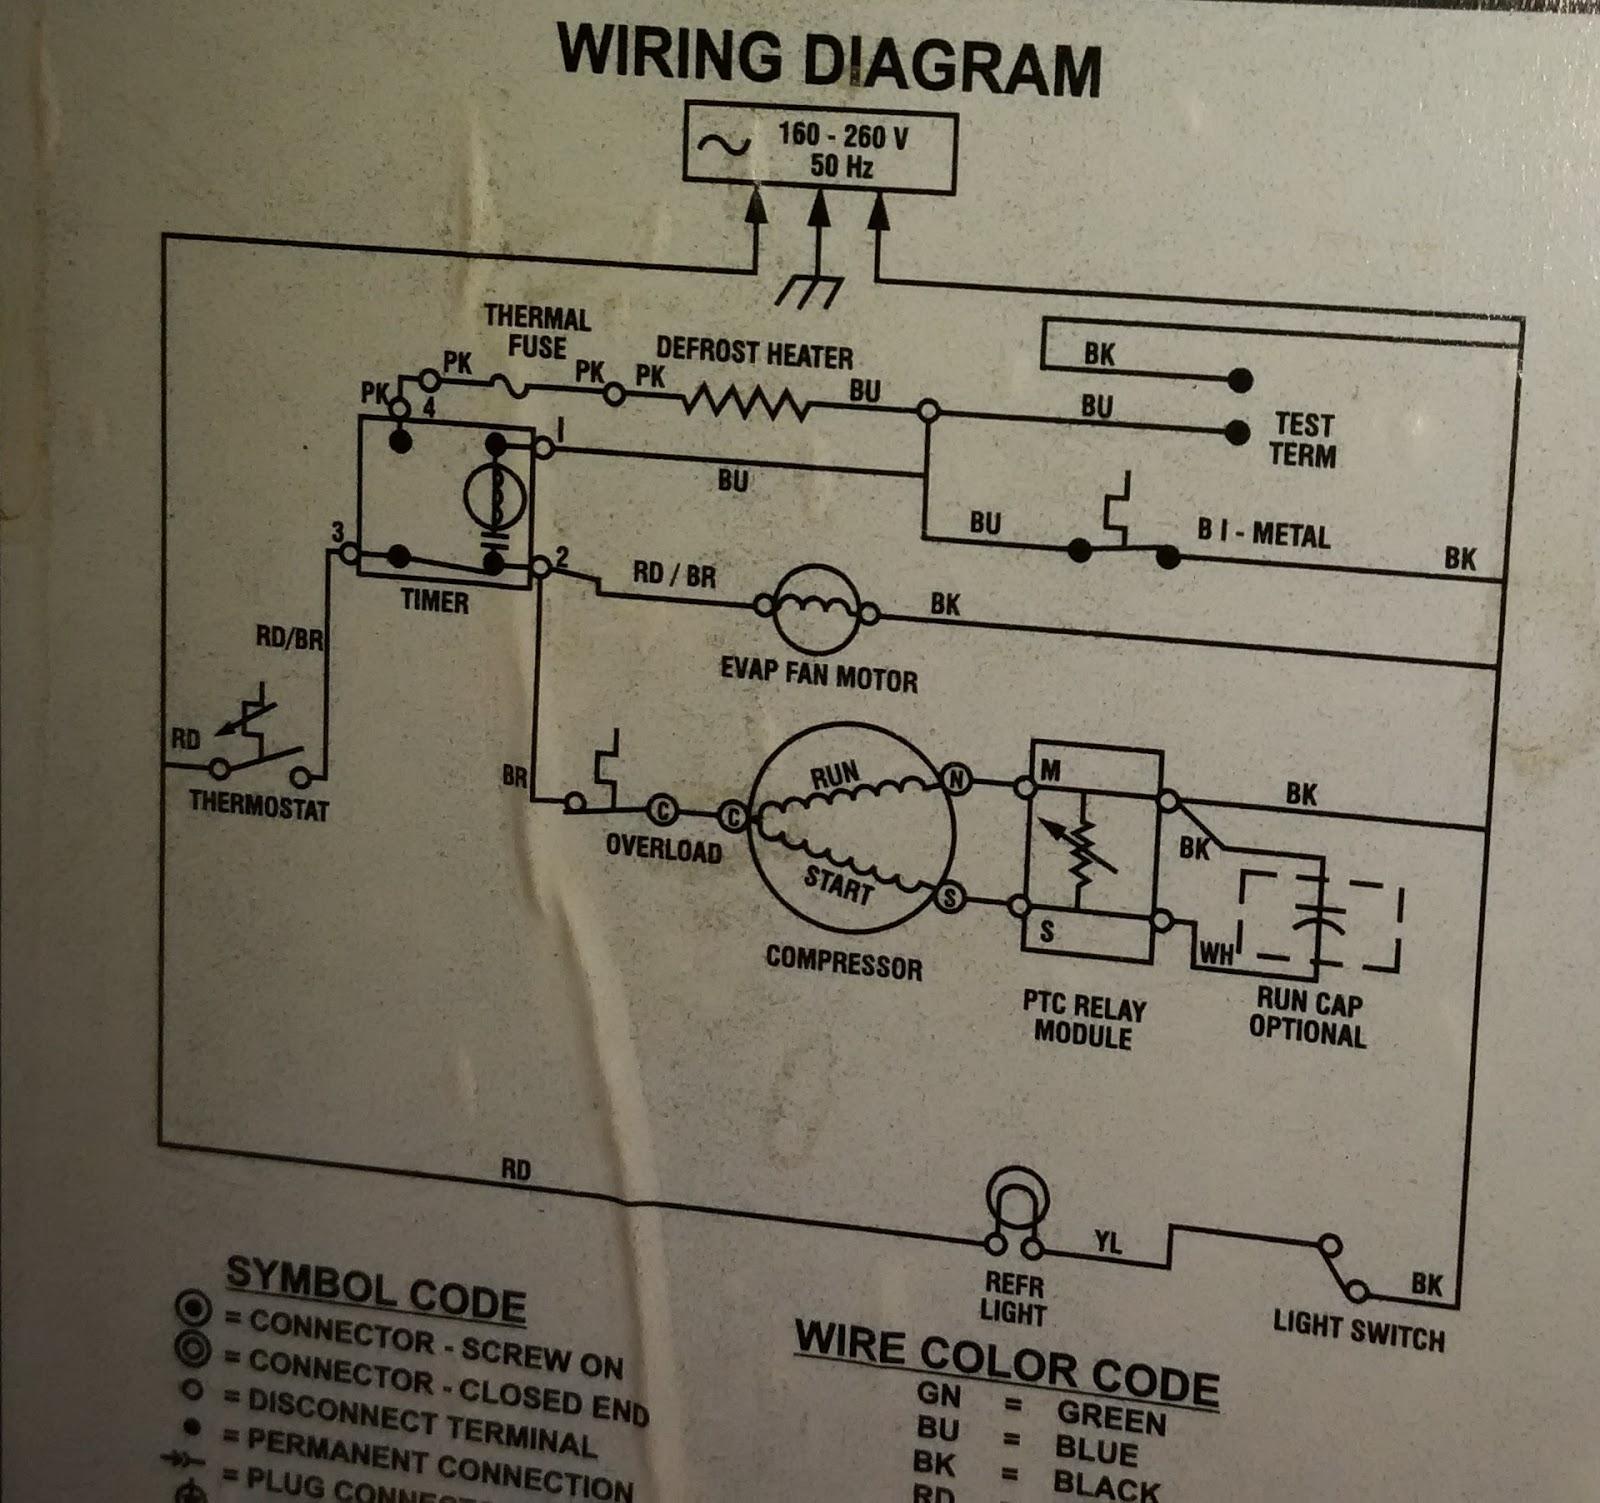 hight resolution of wiring diagram of double door refrigerator